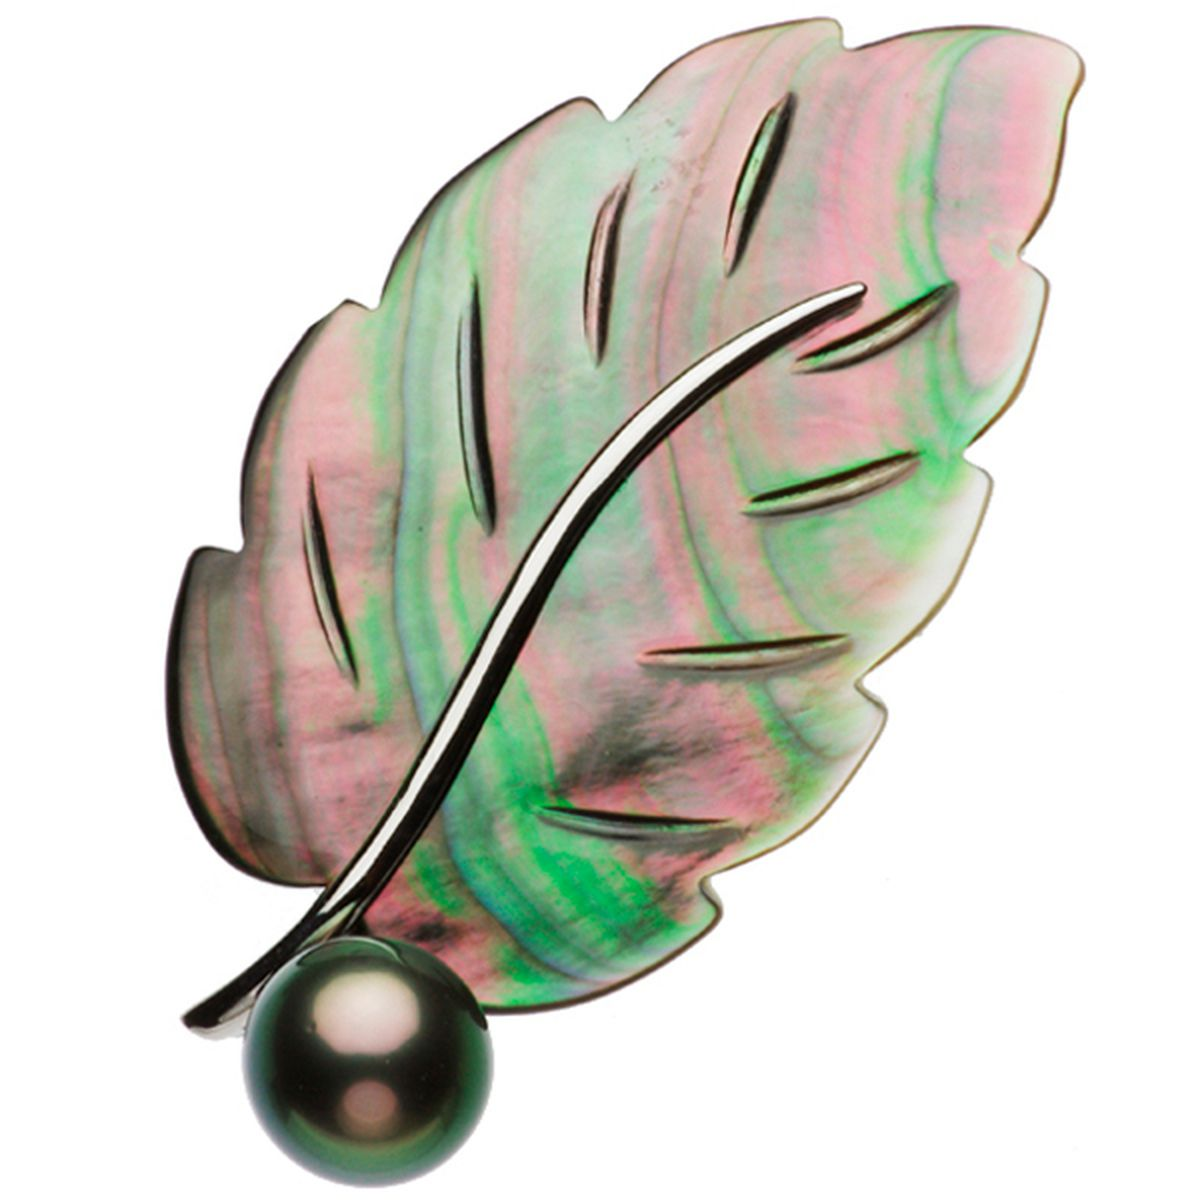 タヒチ黒蝶真珠ブローチ 約11.0mmの写真